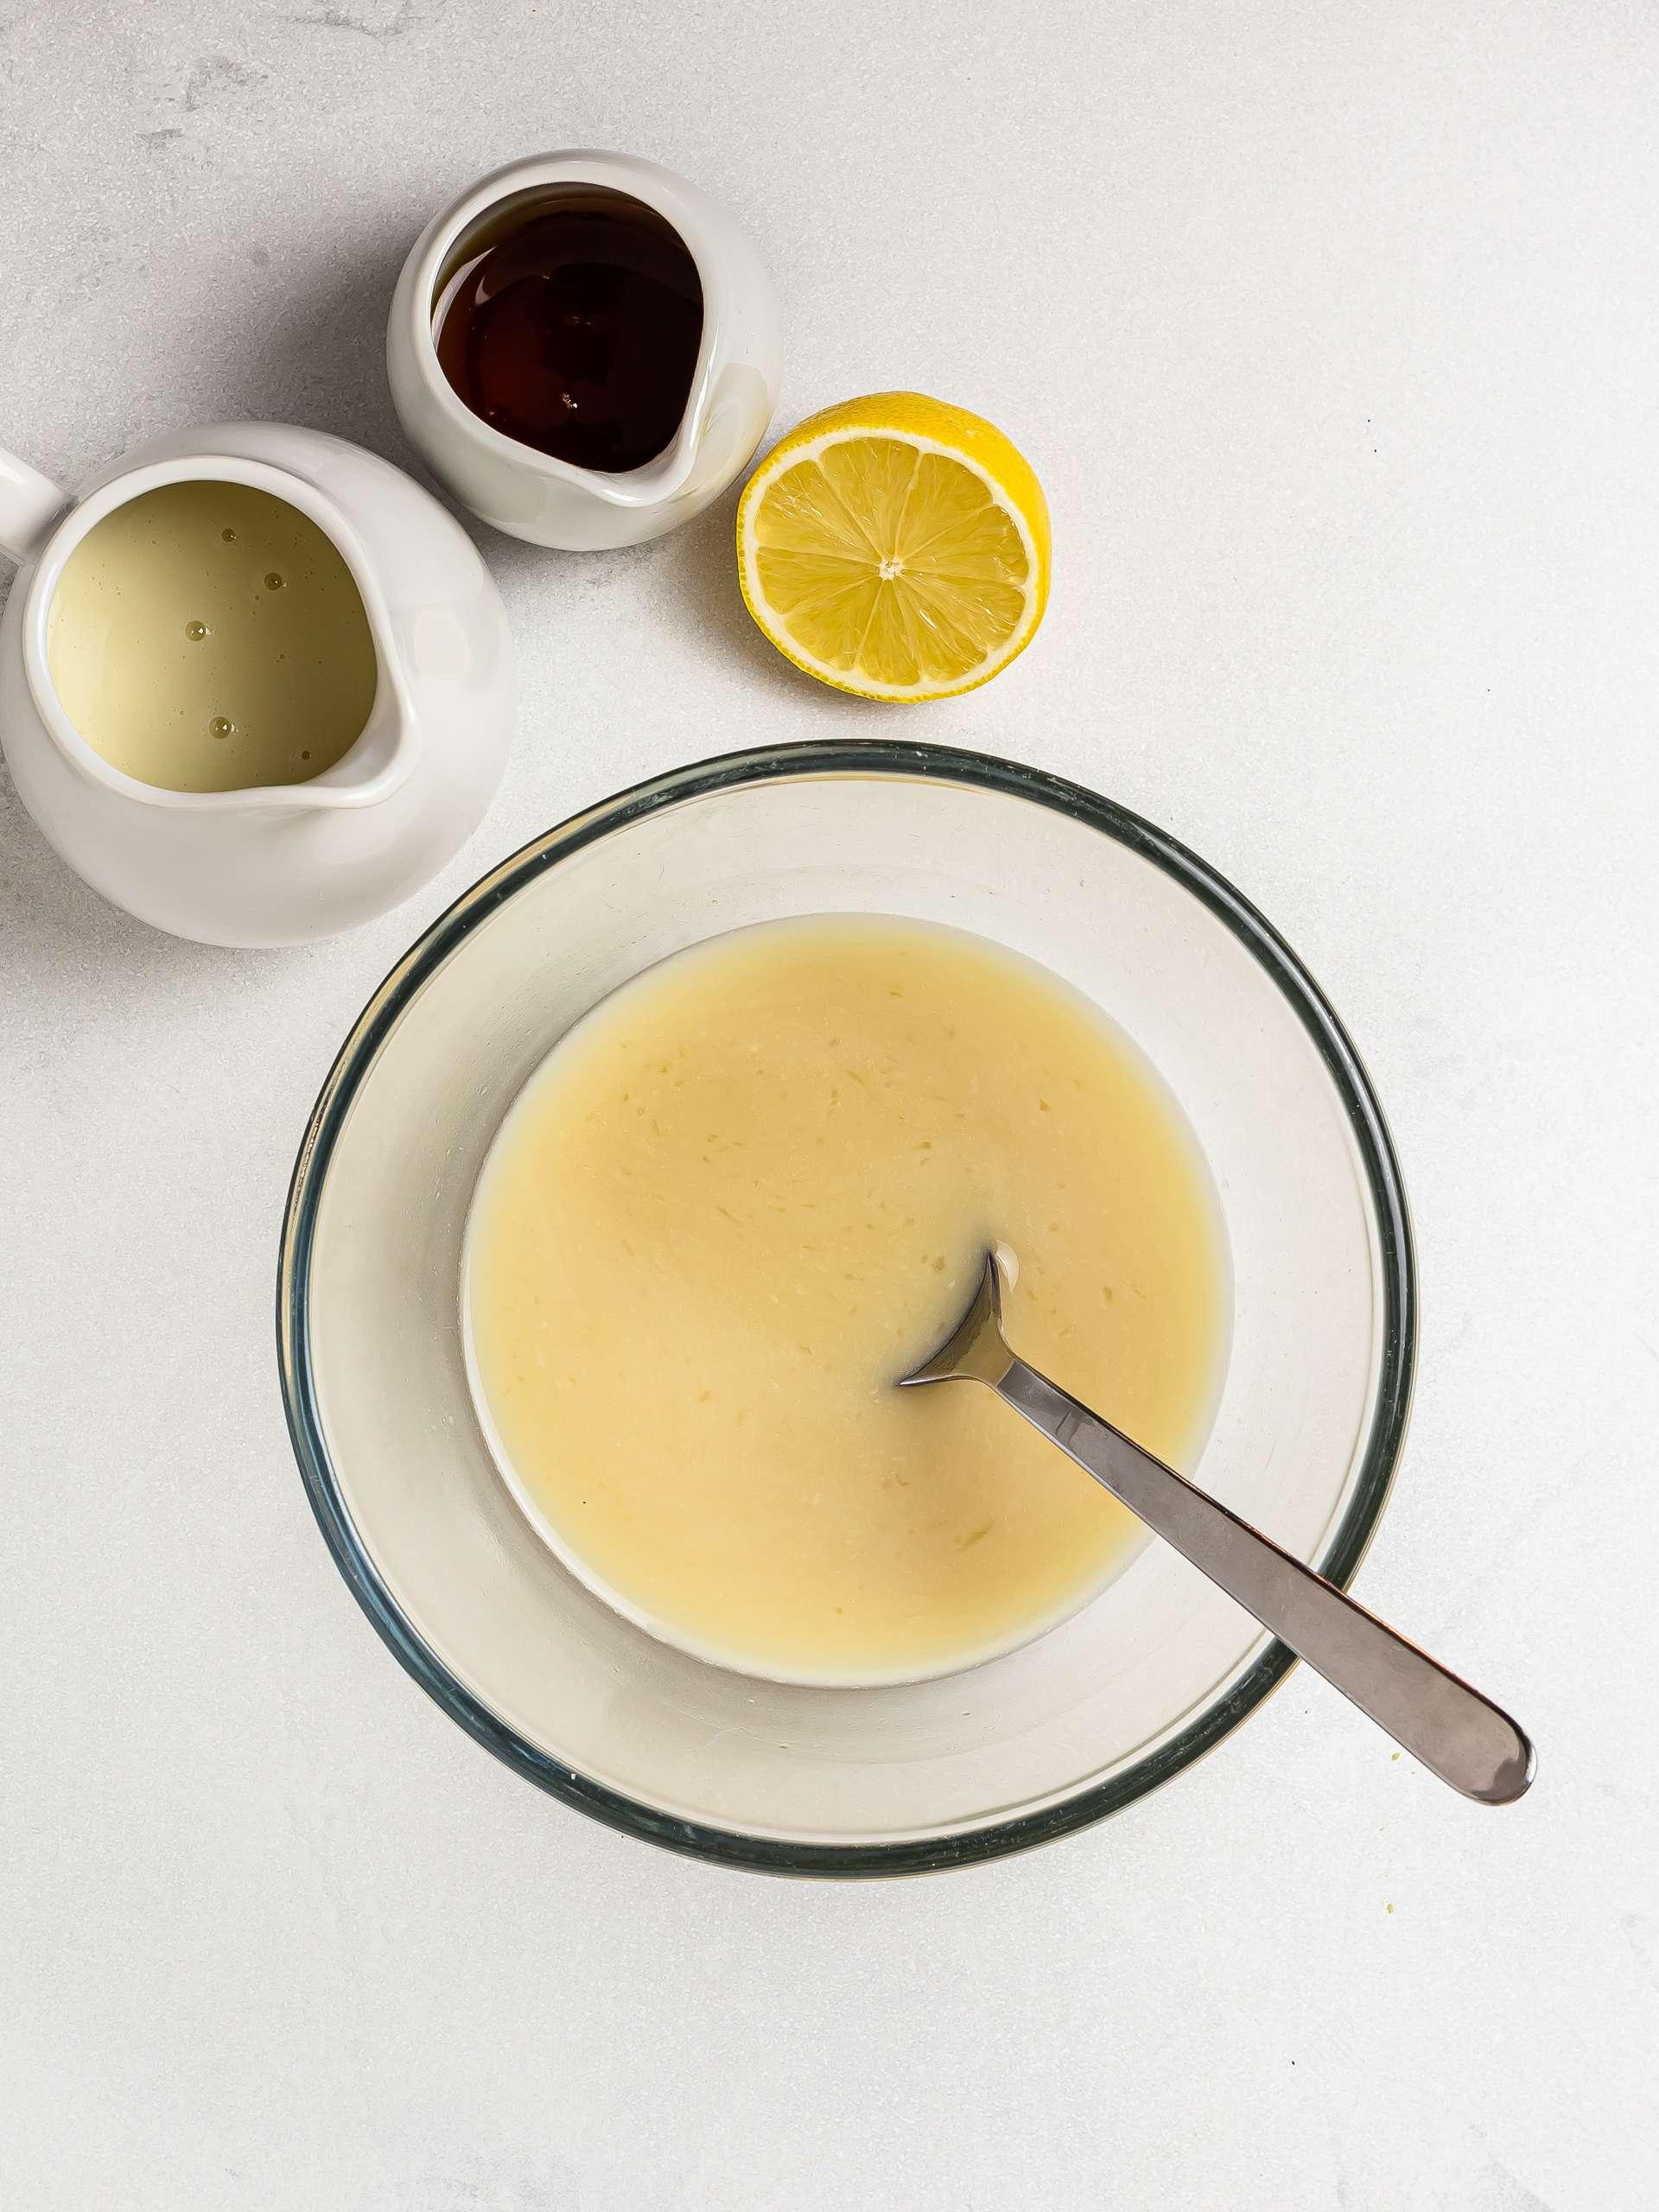 vegan buttermilk in a bowl